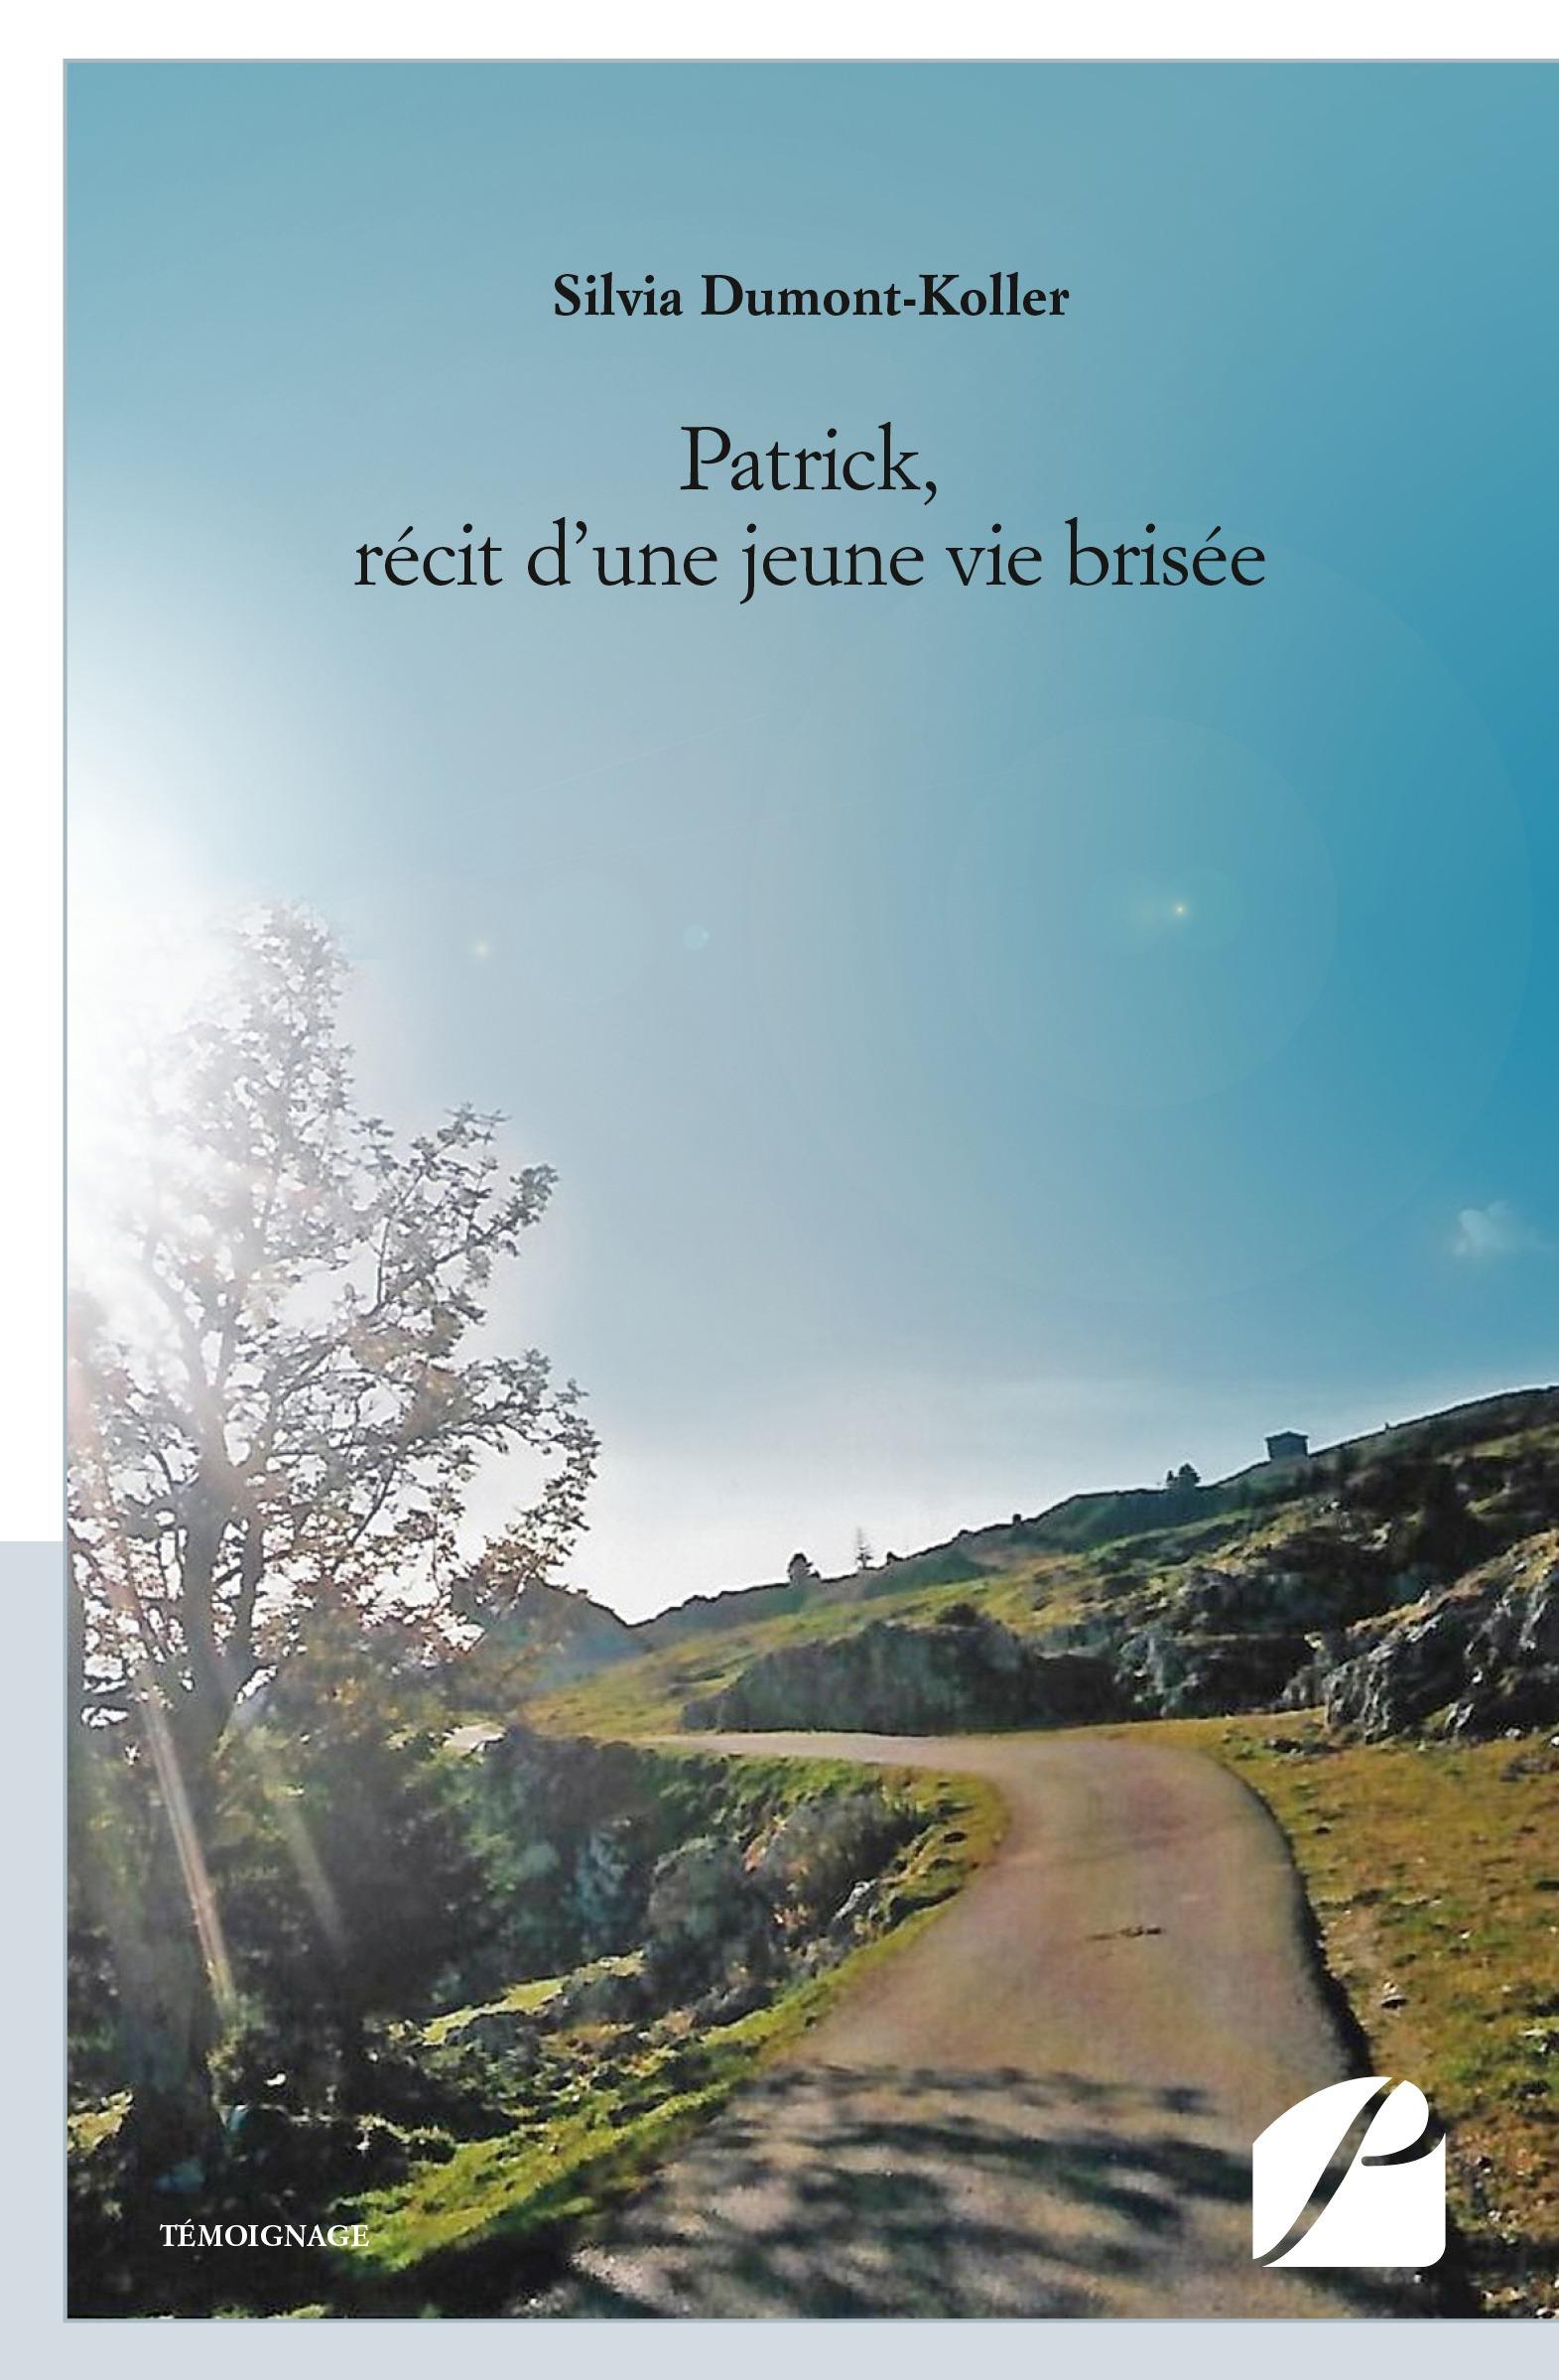 Patrick, récit d'une jeune vie brisée  - Silvia Dumont-Koller